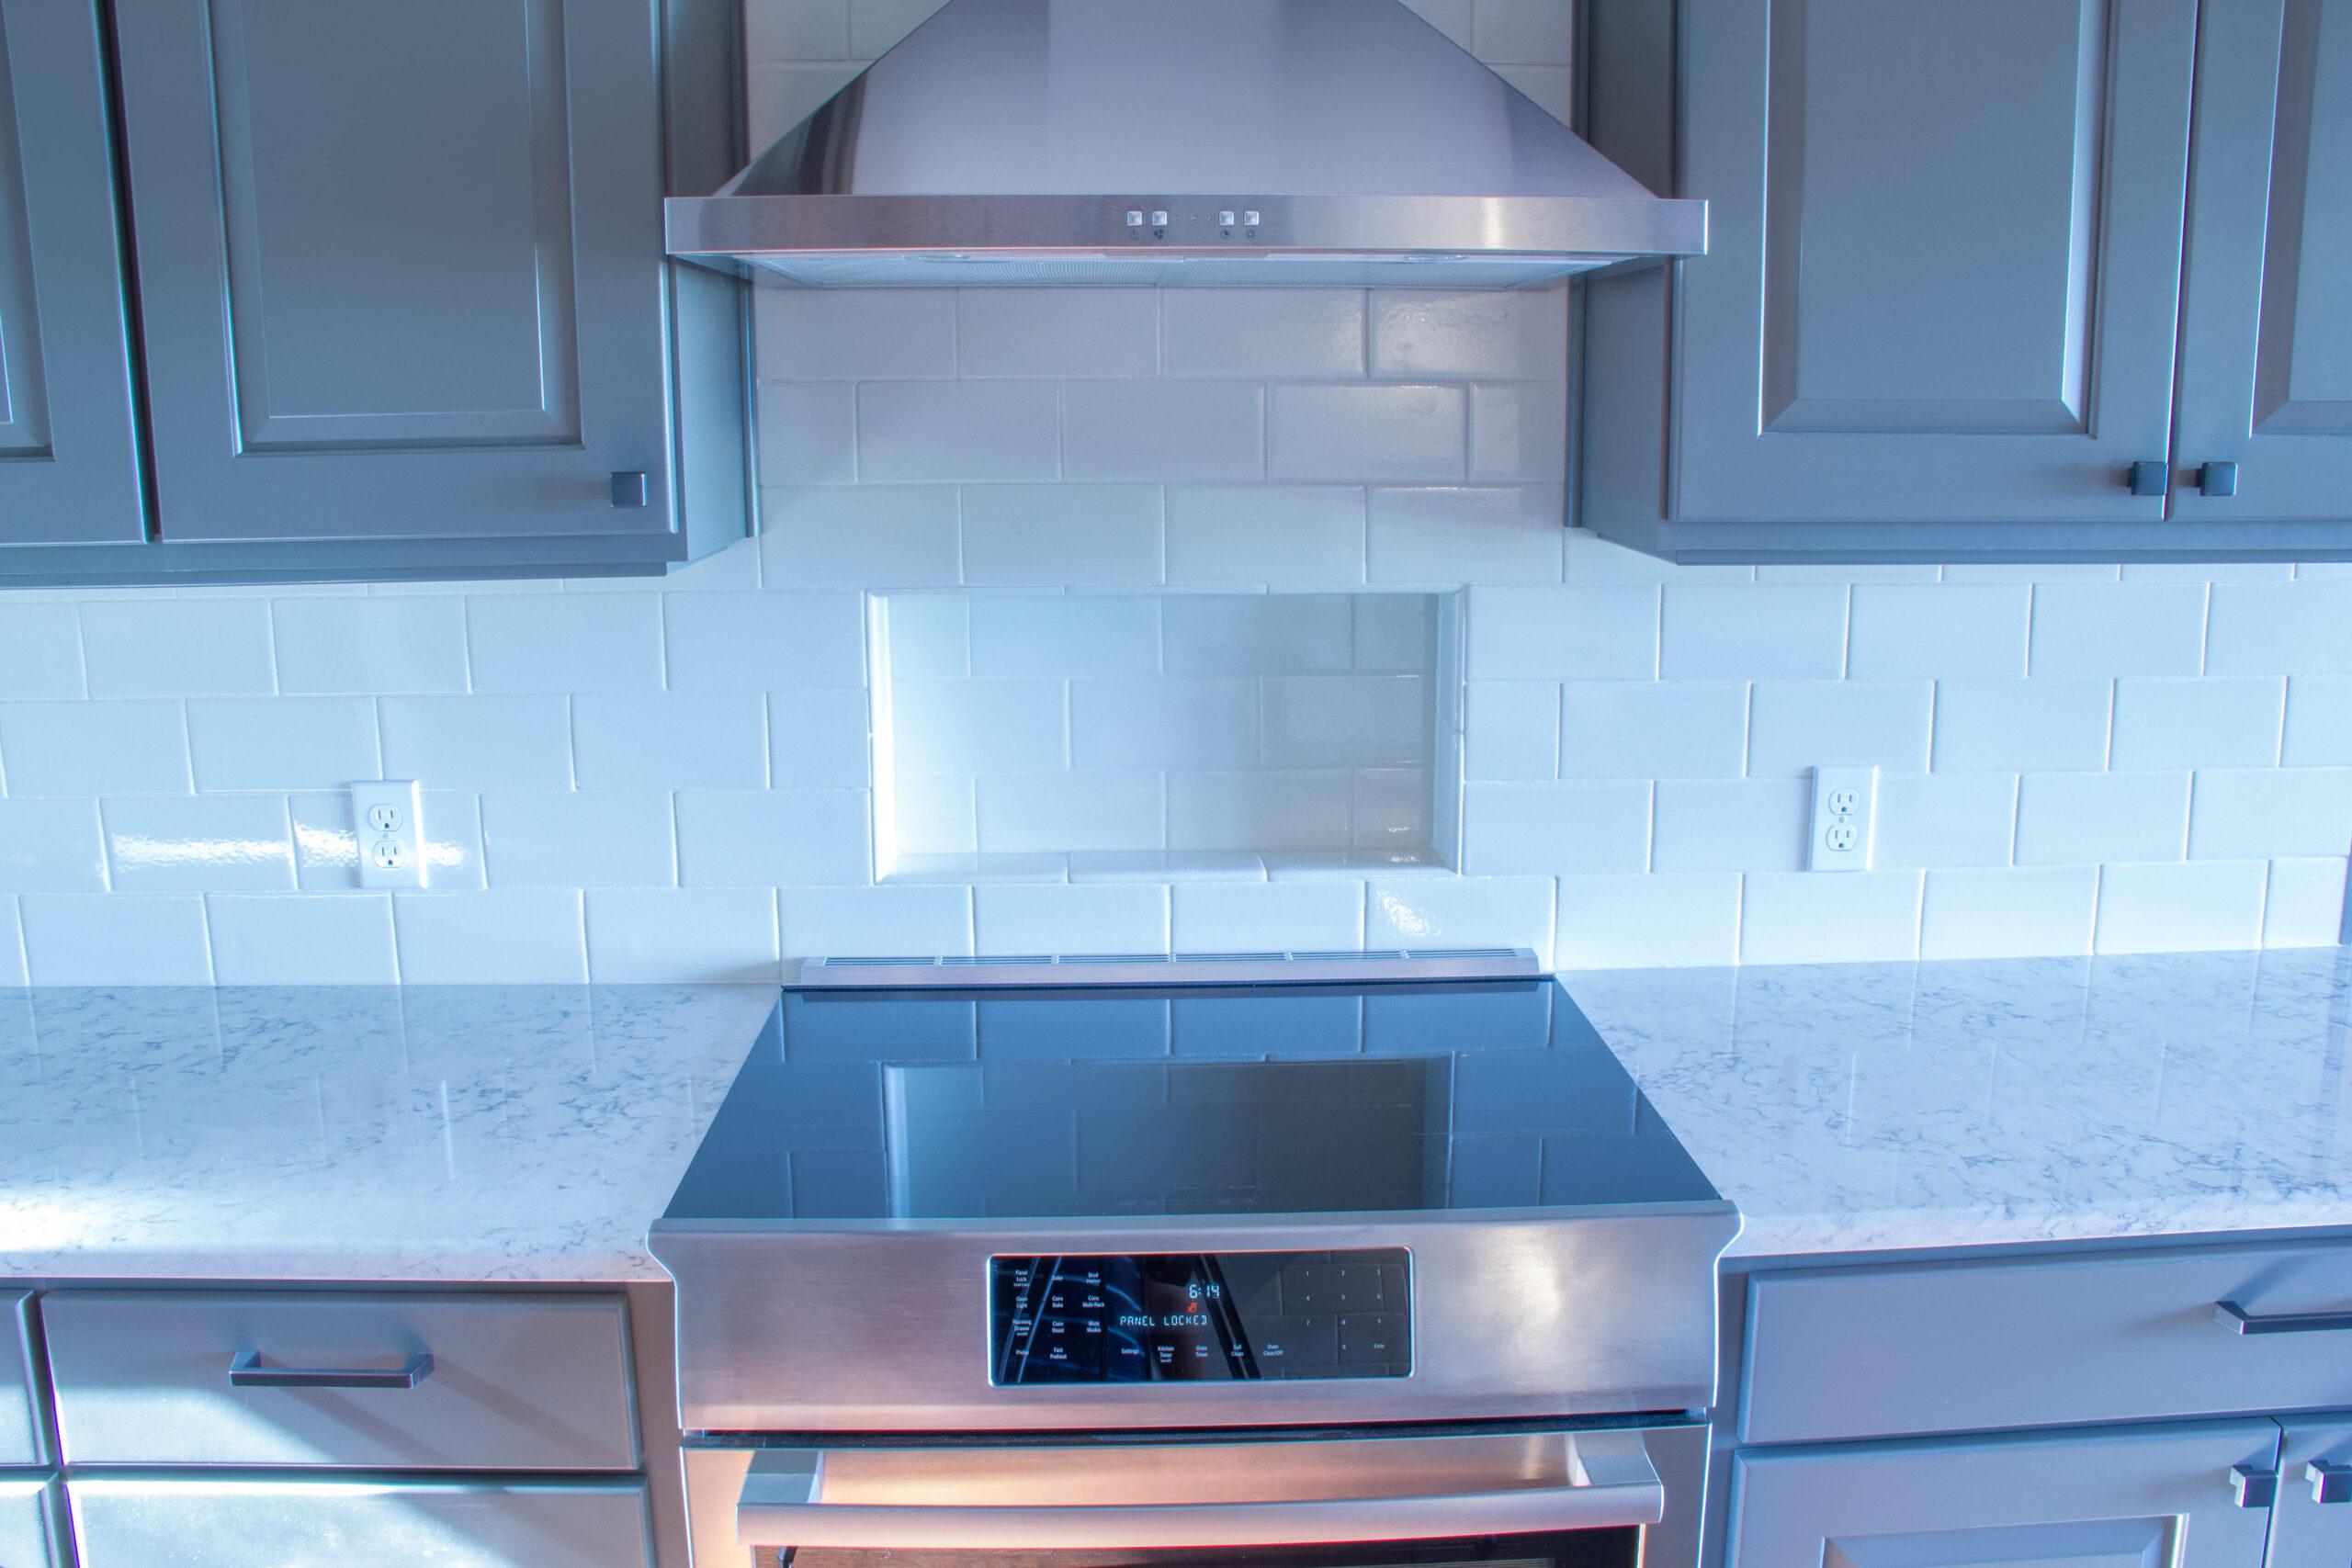 glass stove top